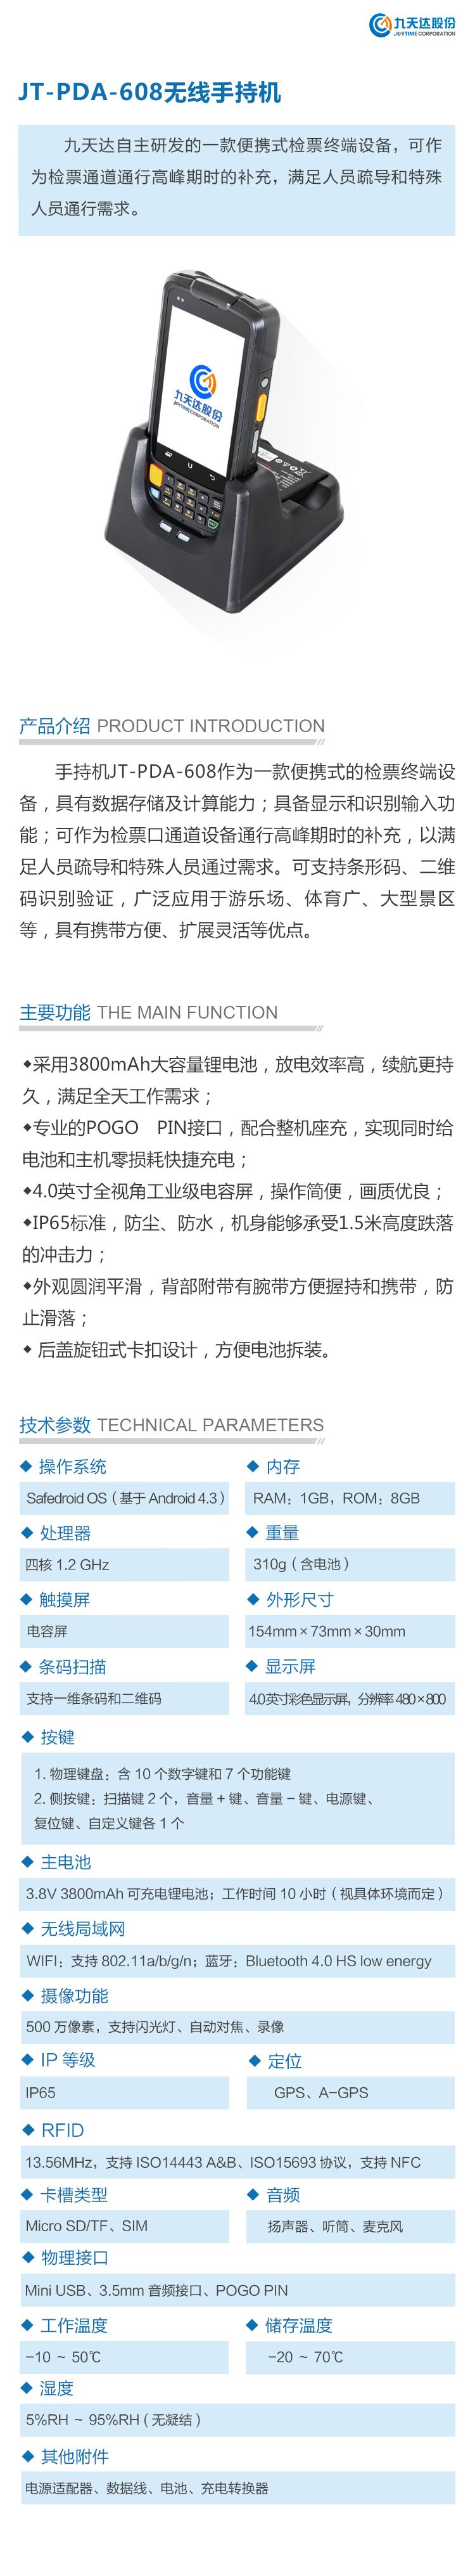 12780514_JT-PDA-608無線手持機